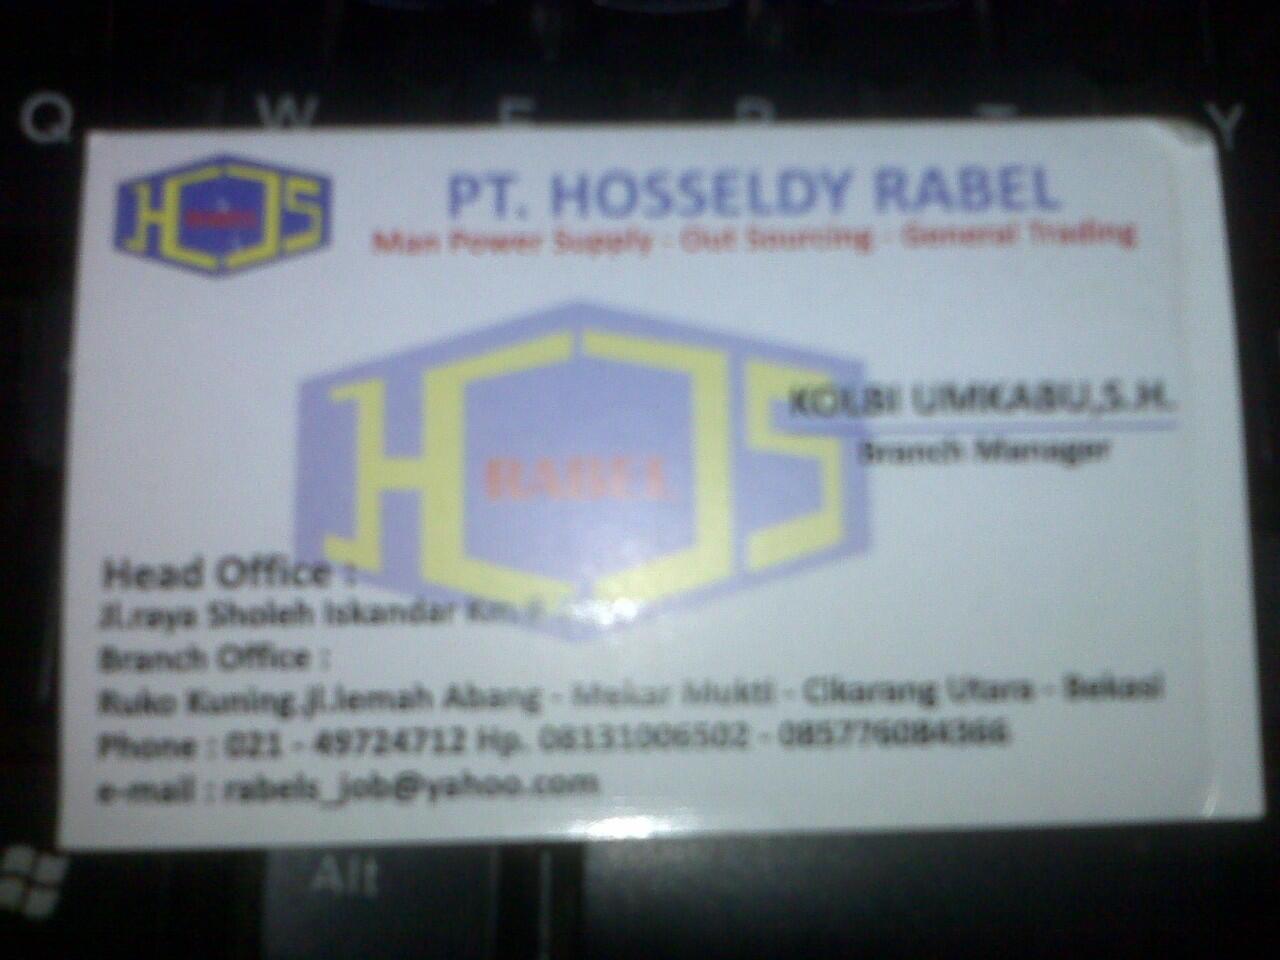 PT. HOSSELDY RABEL penyalur tenaga kerja, itu BOHONG